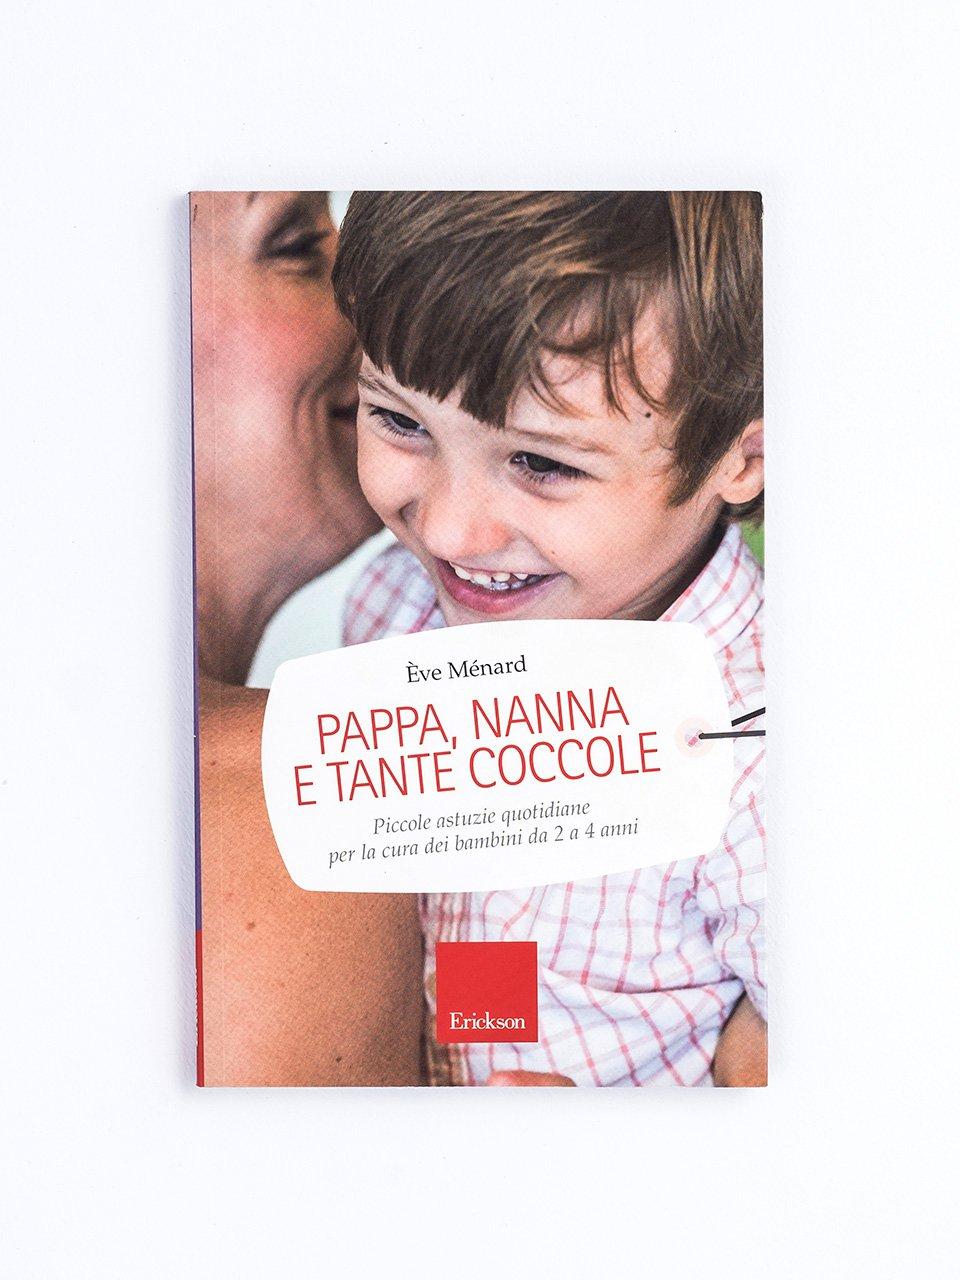 Pappa, nanna e tante coccole - Col cavolo la cicogna! - Libri - Erickson